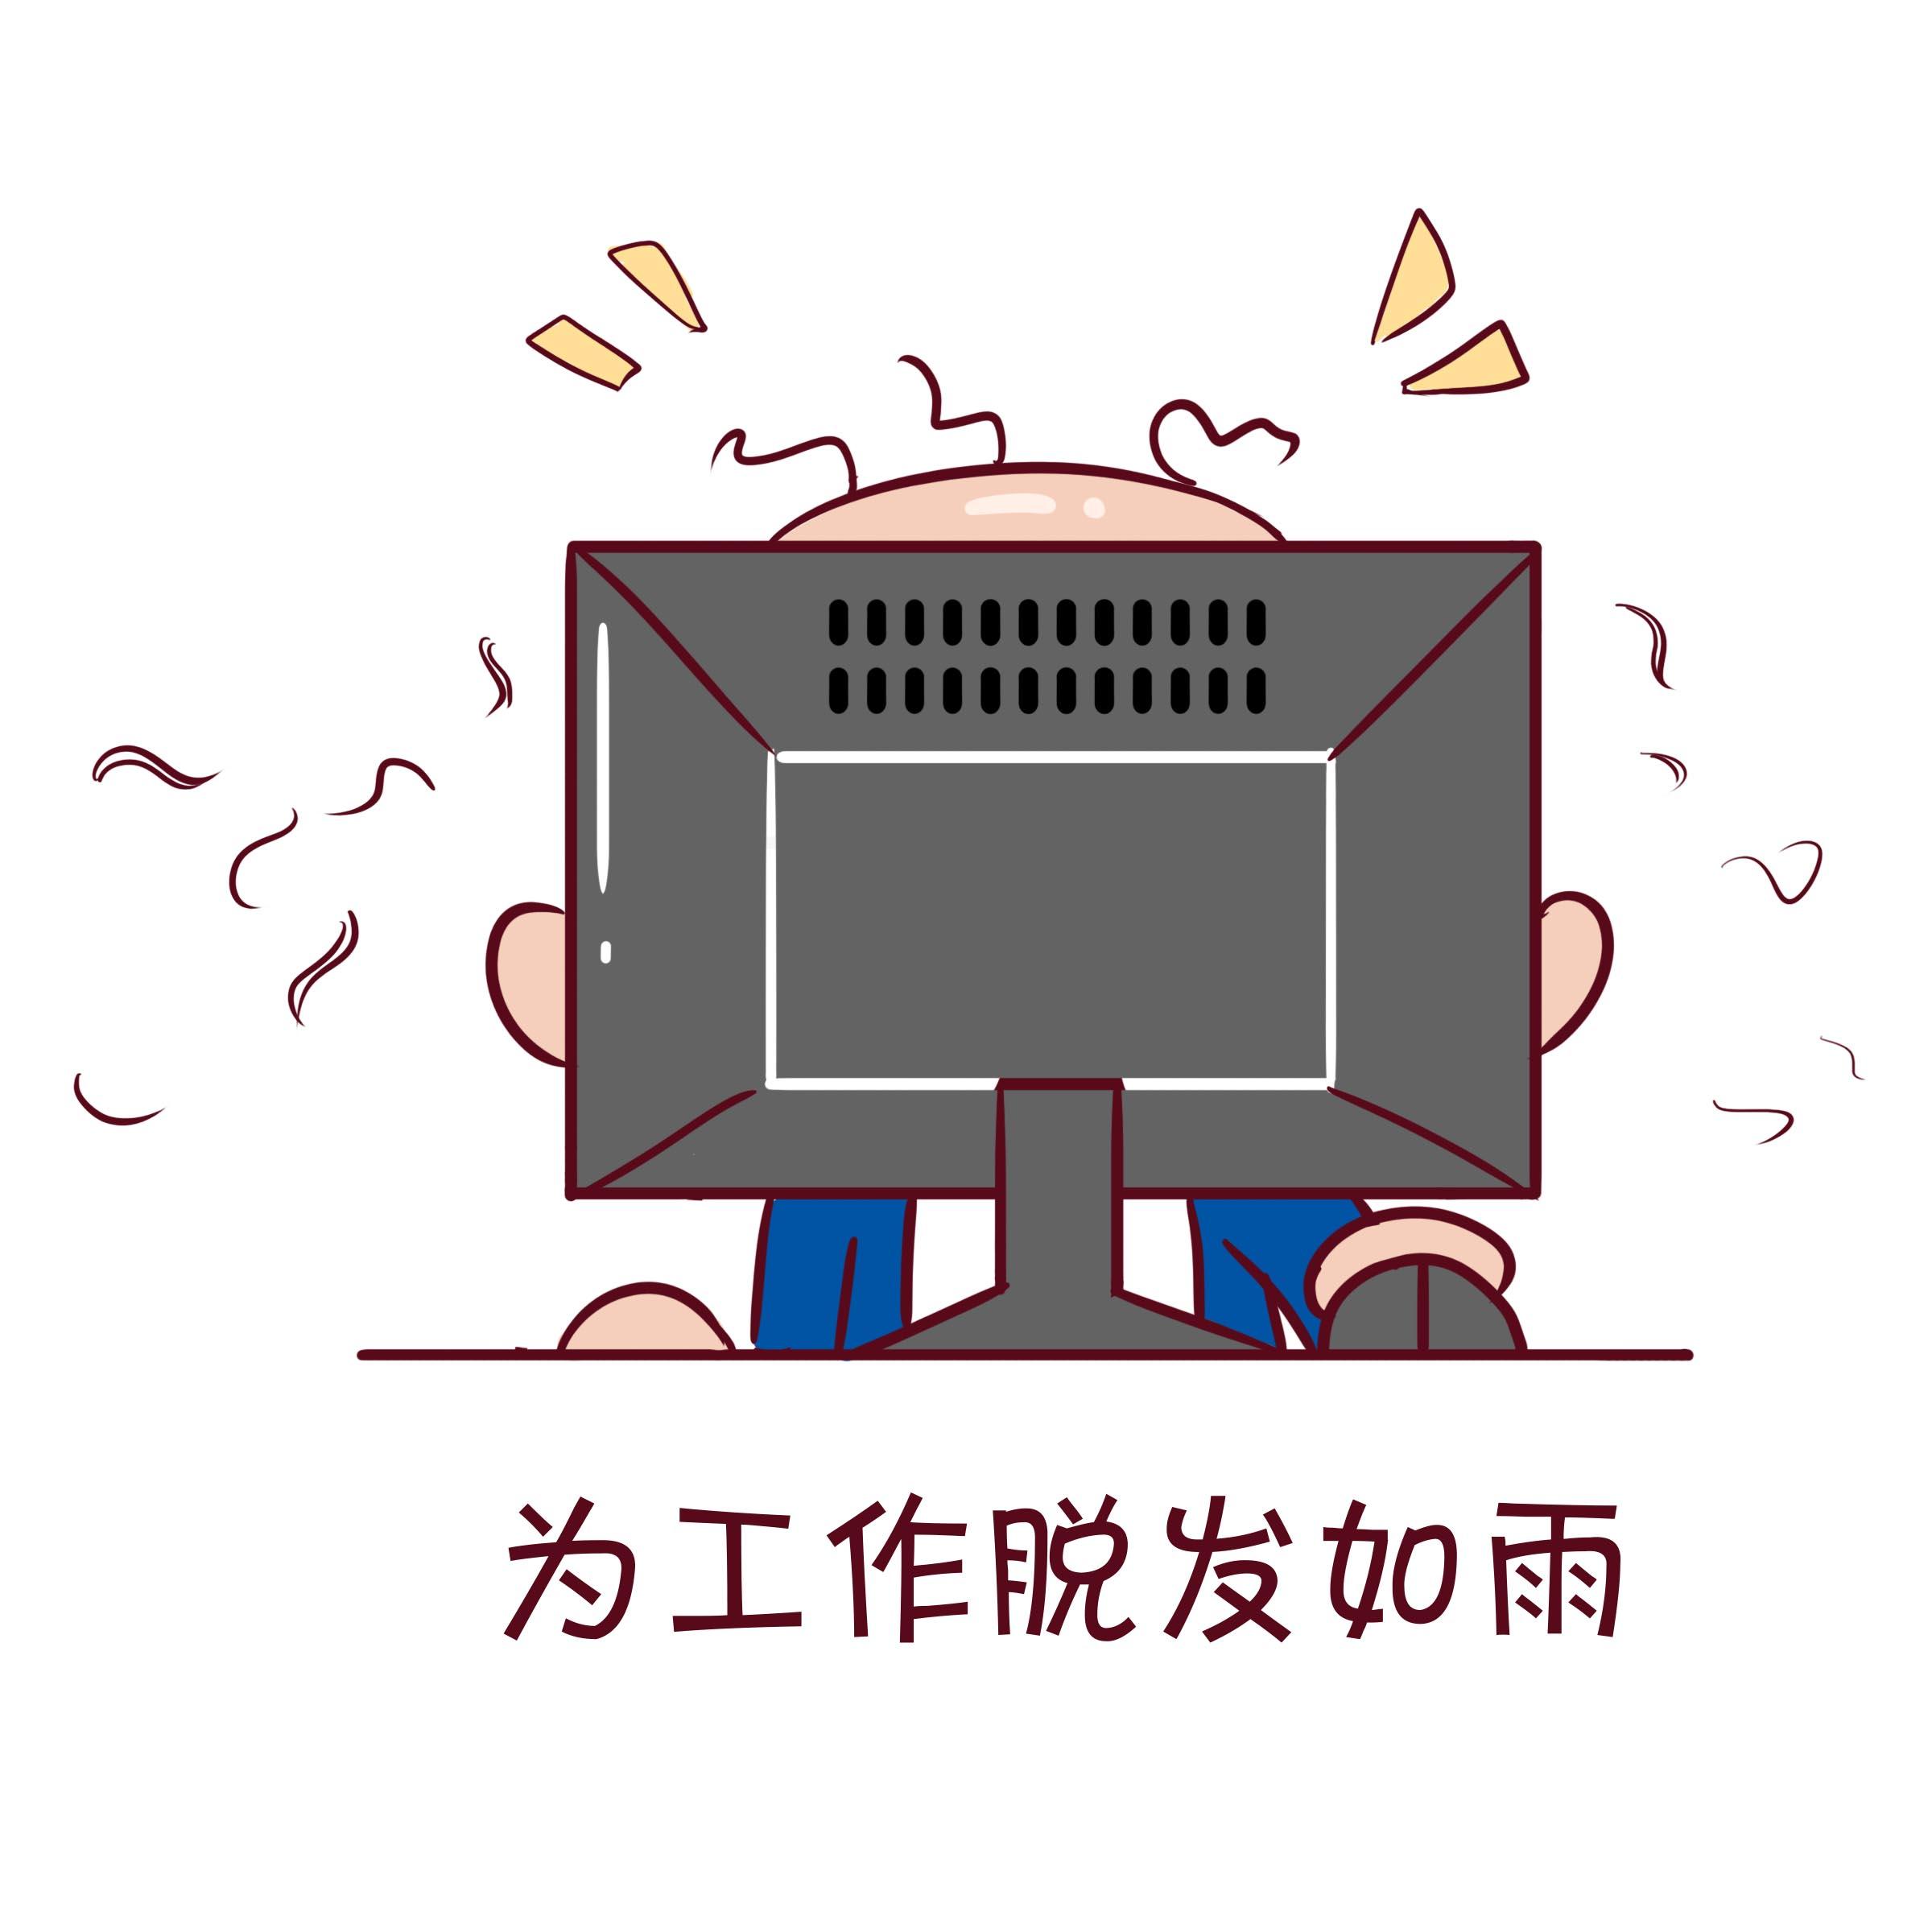 福州雍禾发际线调整手术怎么样呢?